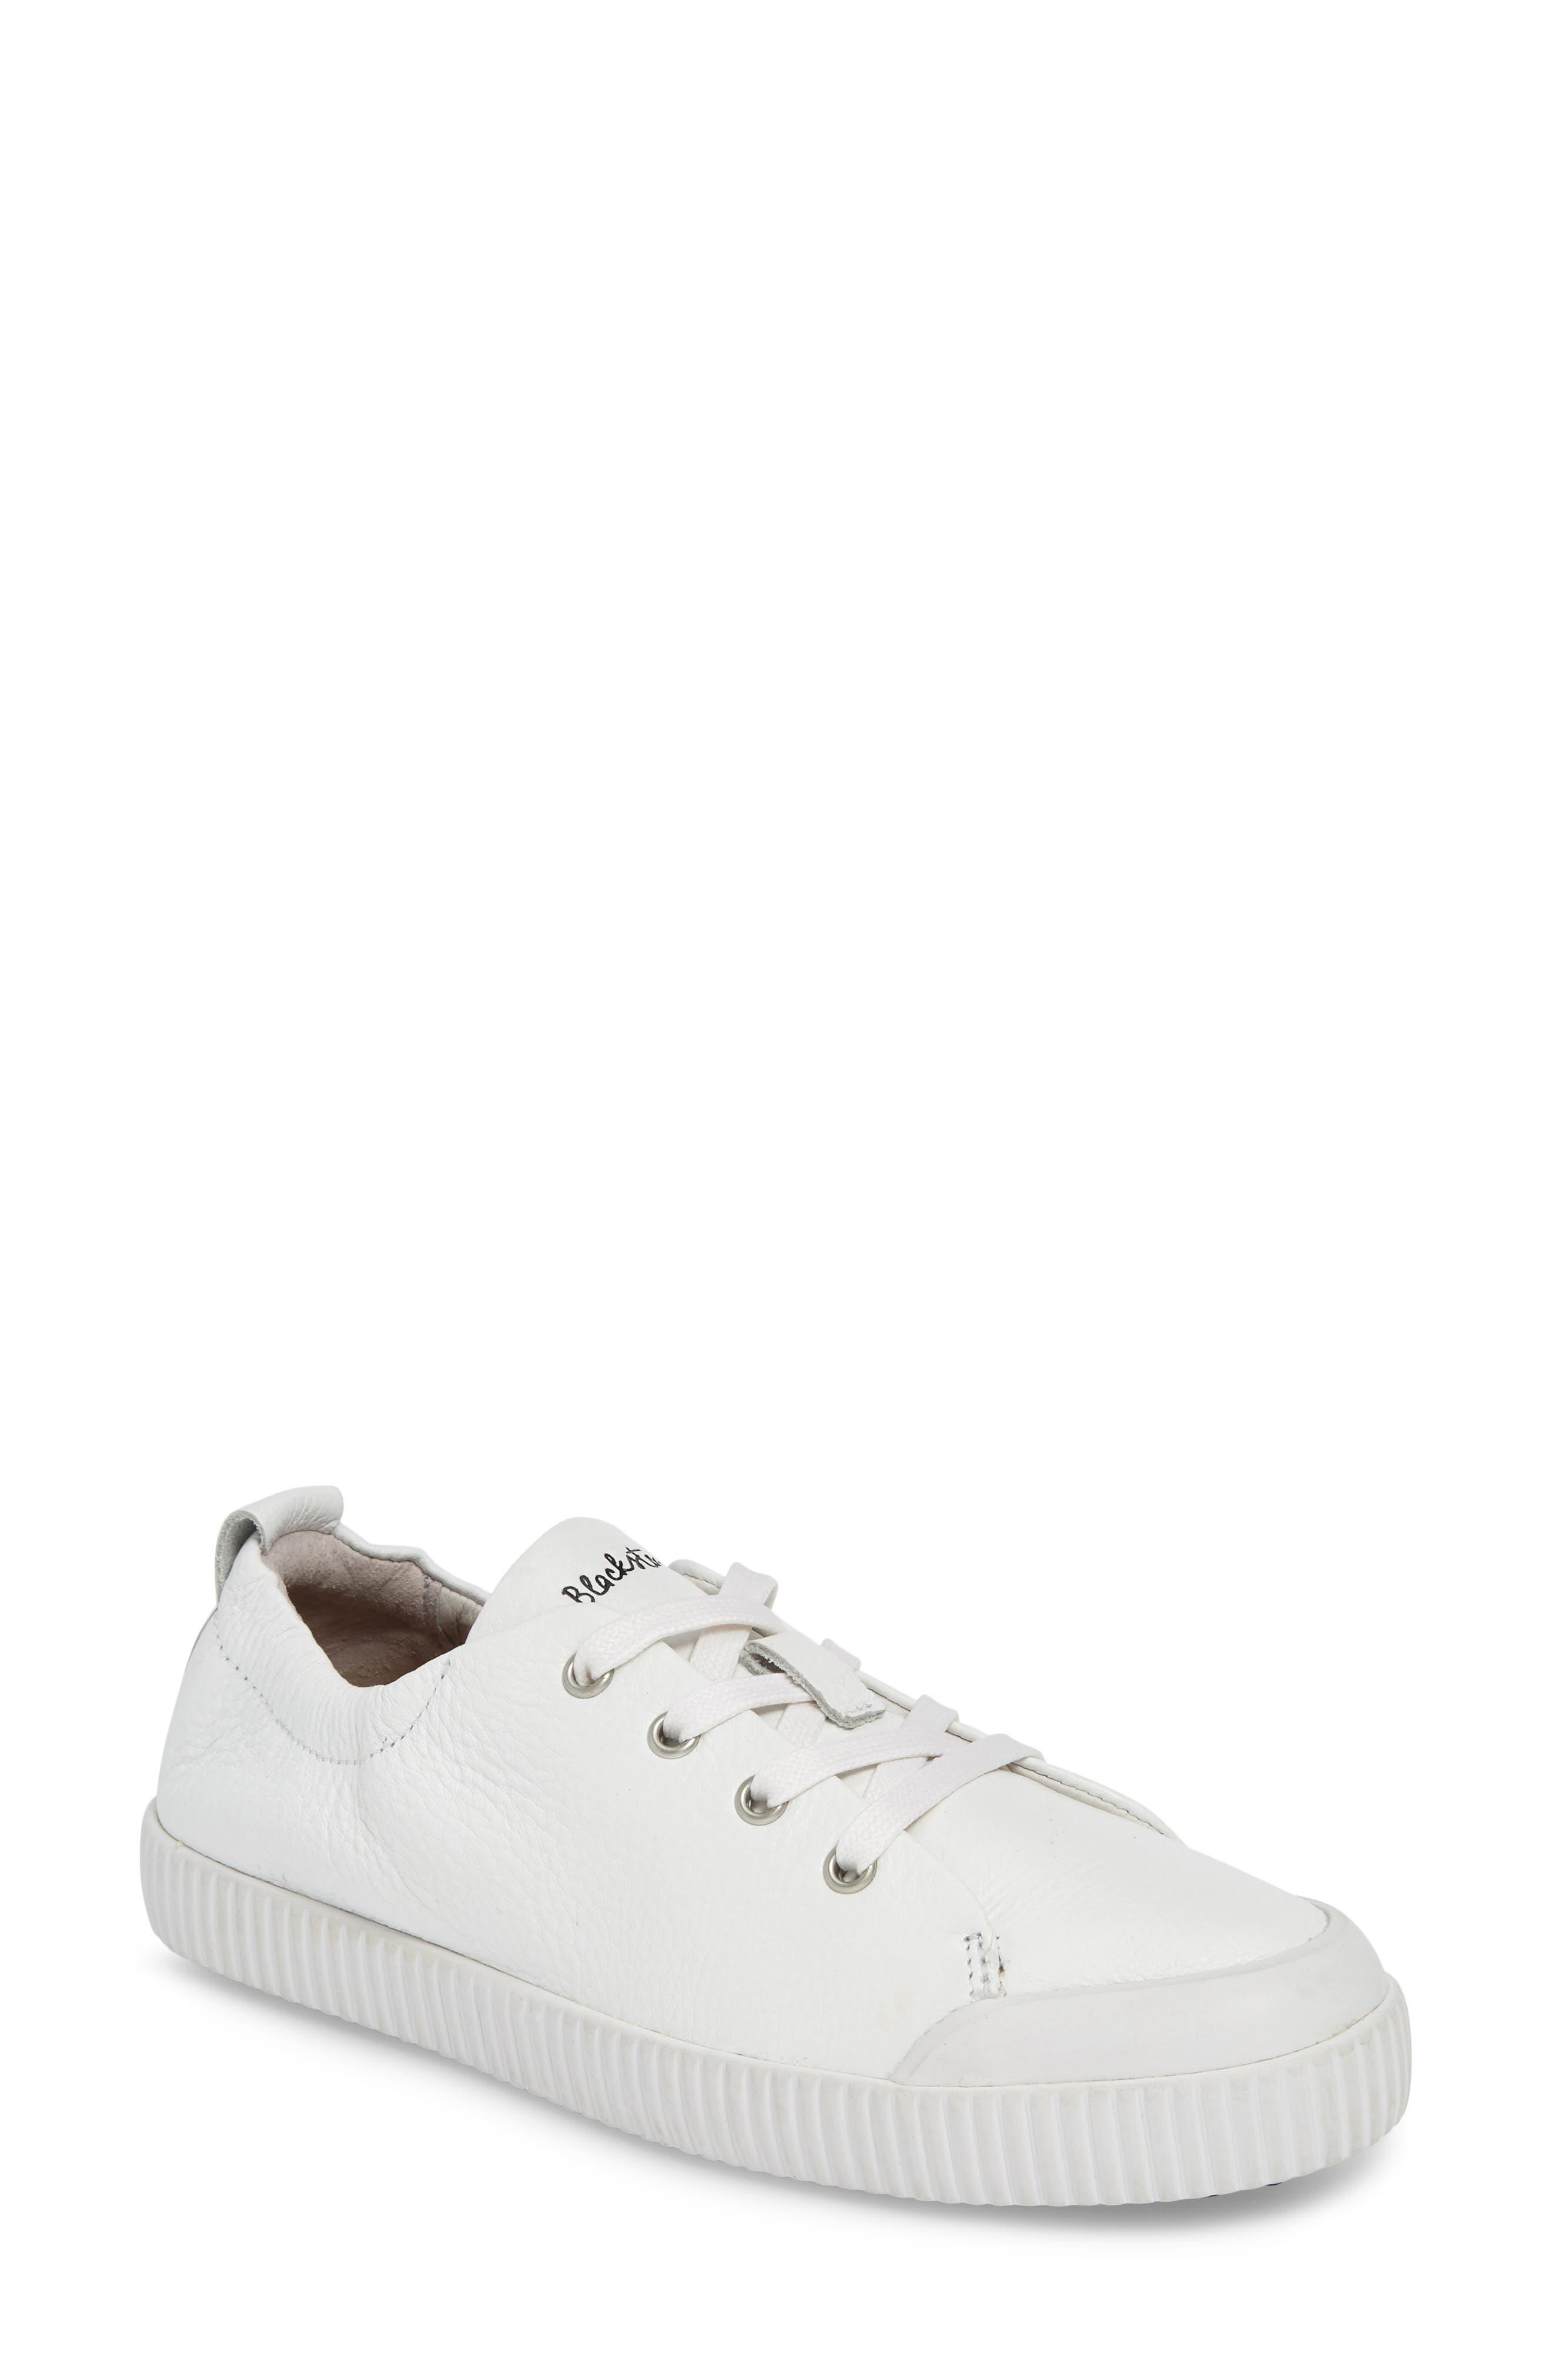 Rl78 Low Top Sneaker